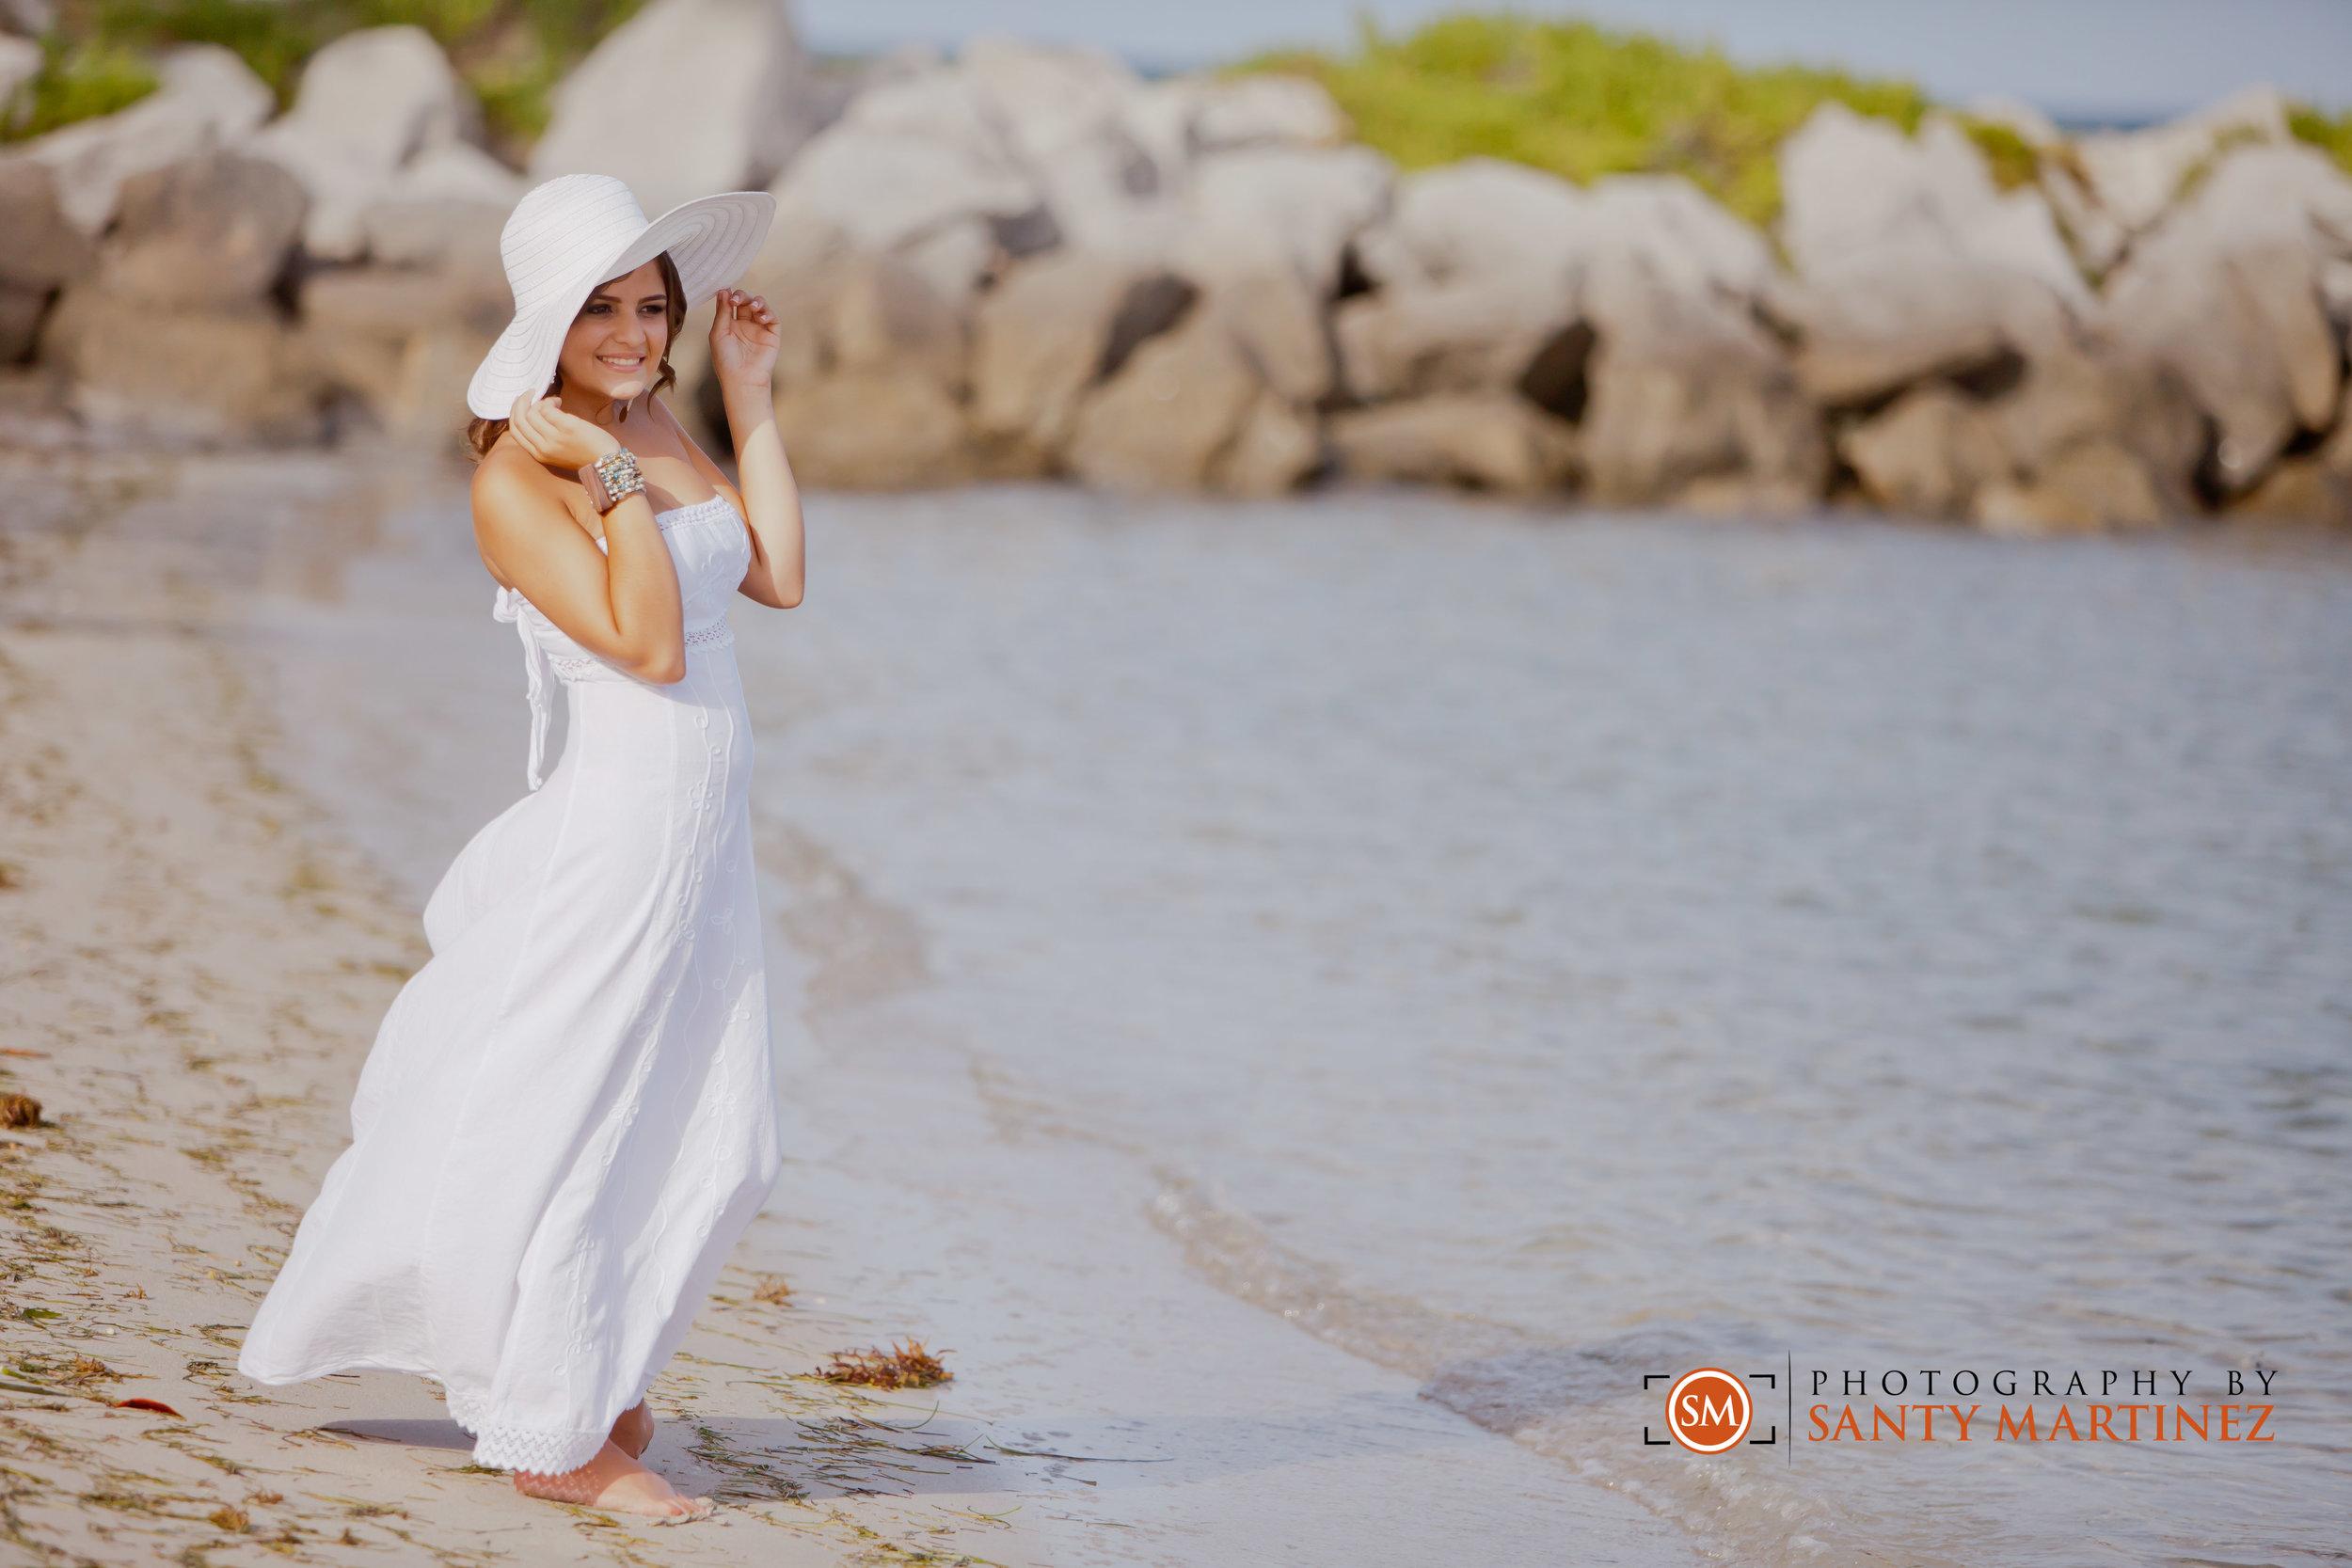 Miami Quinces Photographers - Santy Martinez -26.jpg